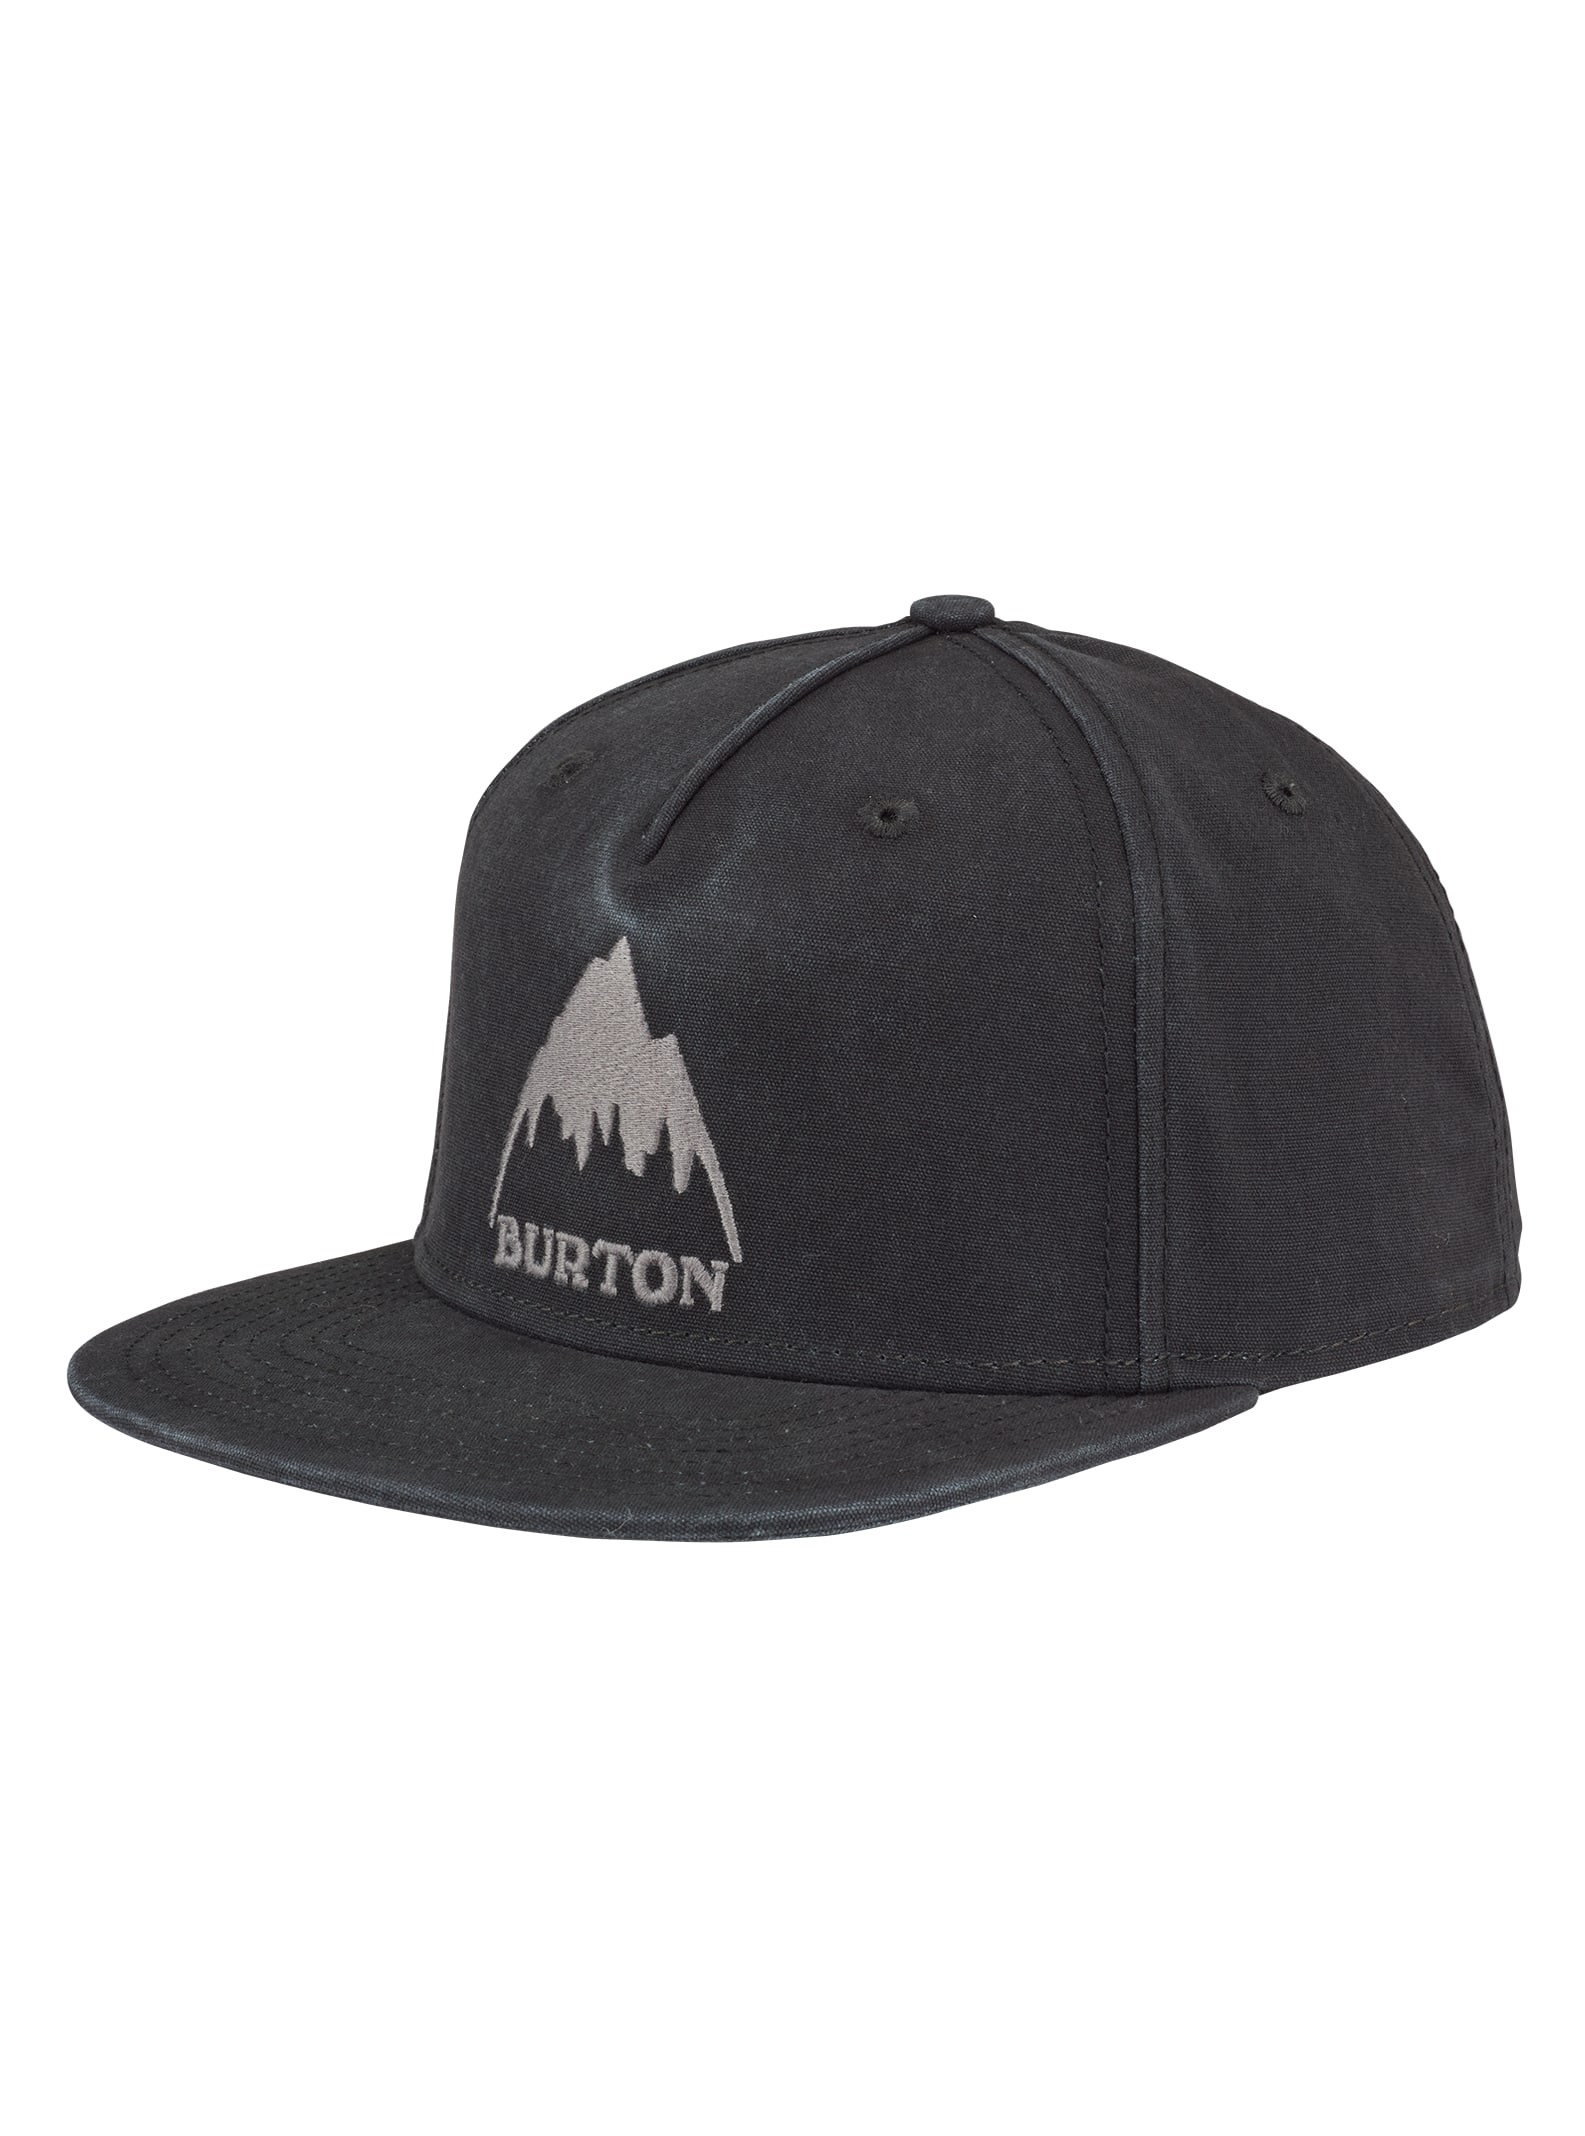 7128e0d6fd0 Men s Hats   Beanies